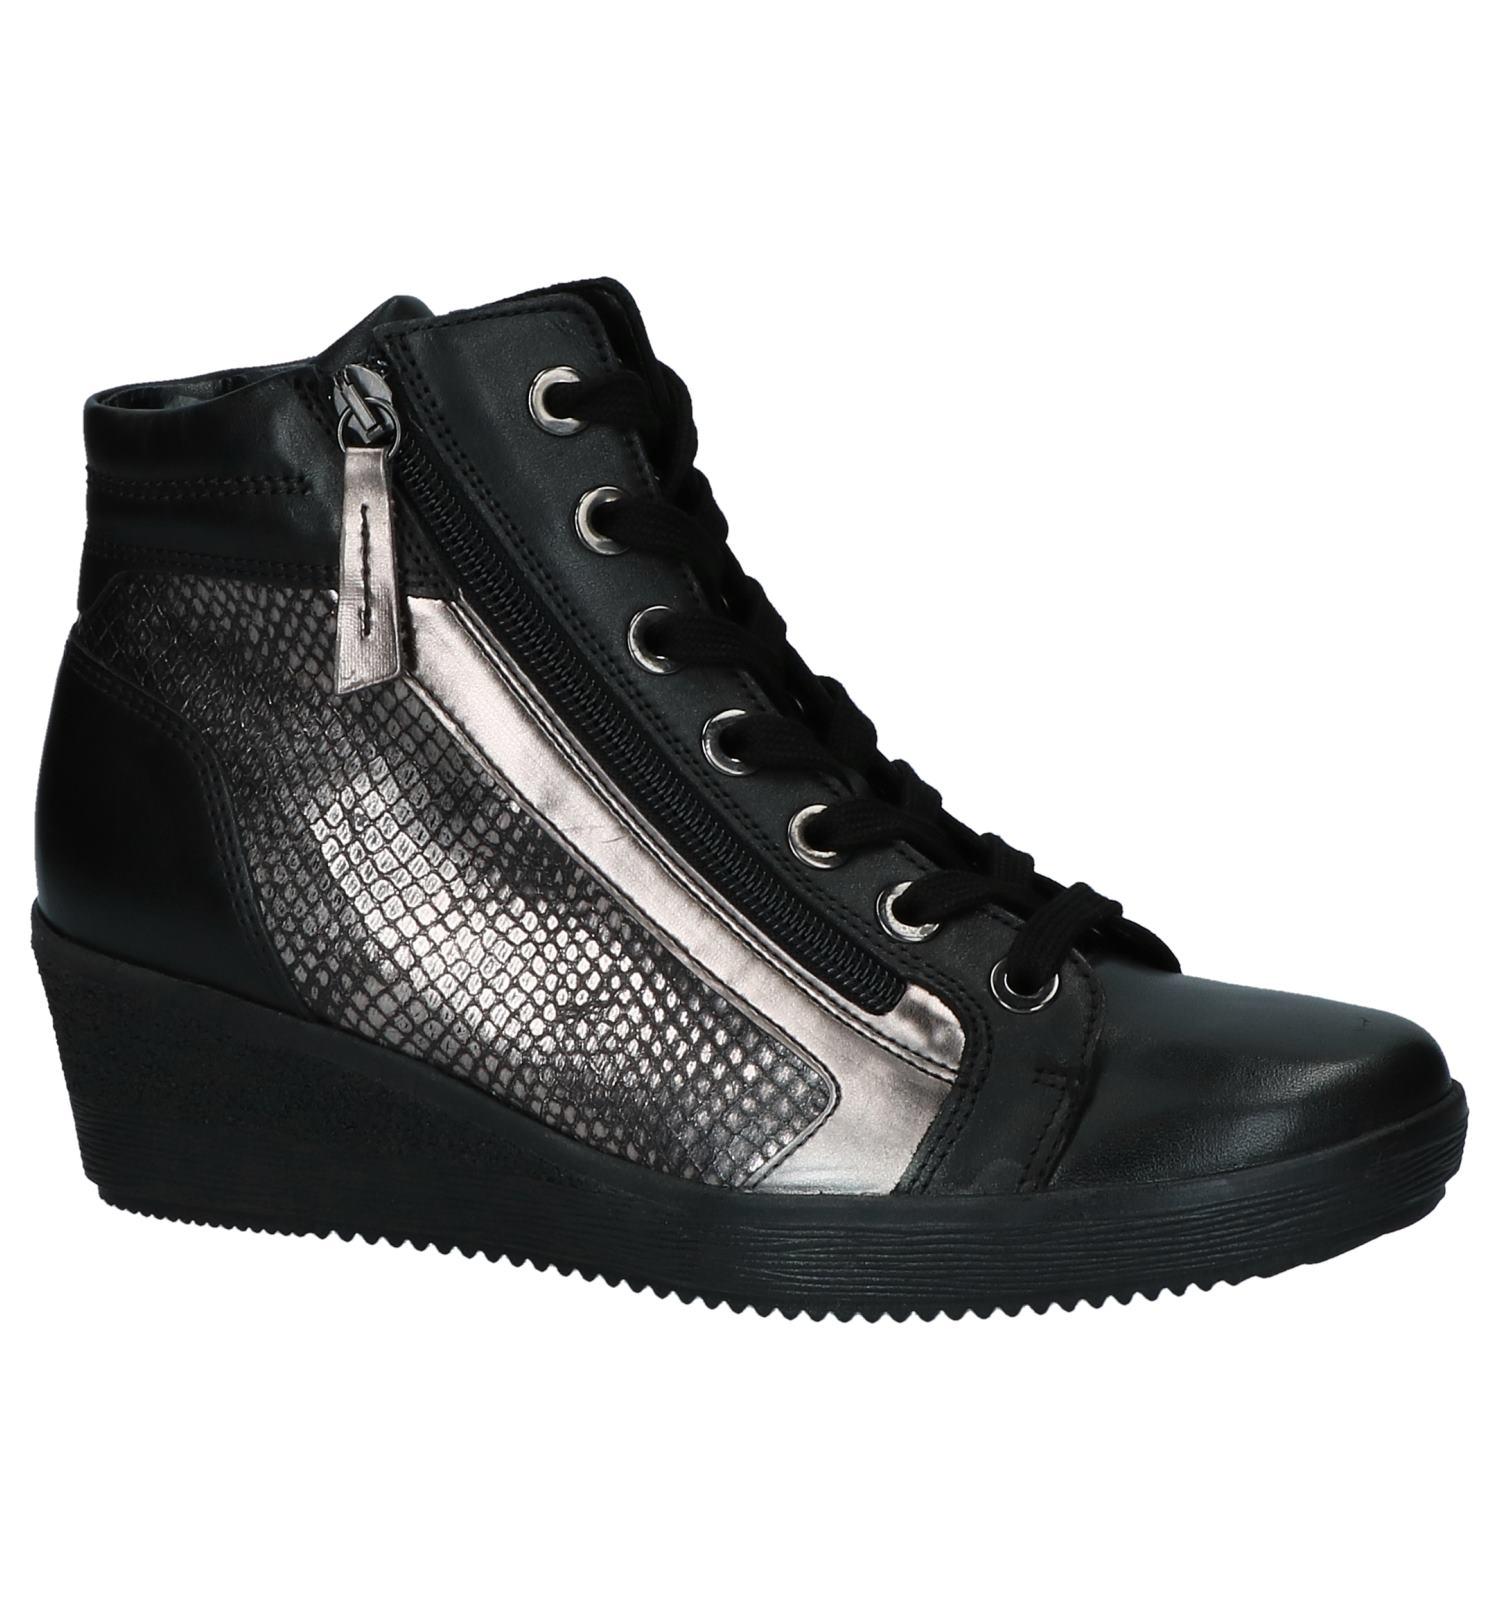 7eca1cb2422 Gabor Comfort Zwarte Sneakers met Sleehak | TORFS.BE | Gratis verzend en  retour